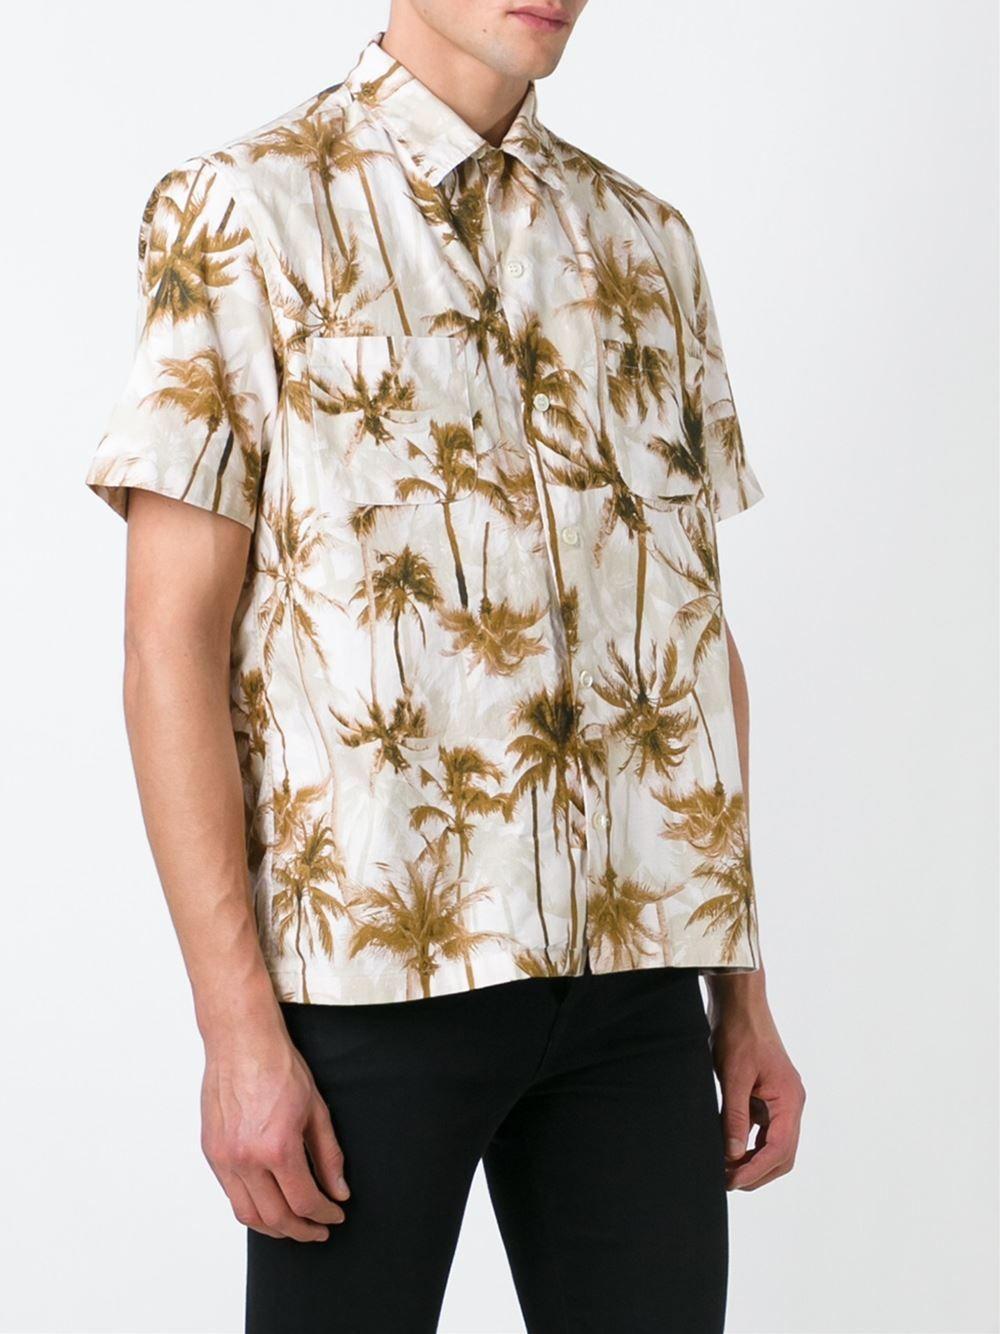 fc233a46 Saint laurent palm tree print shirt men clothing,yves saint laurent ...